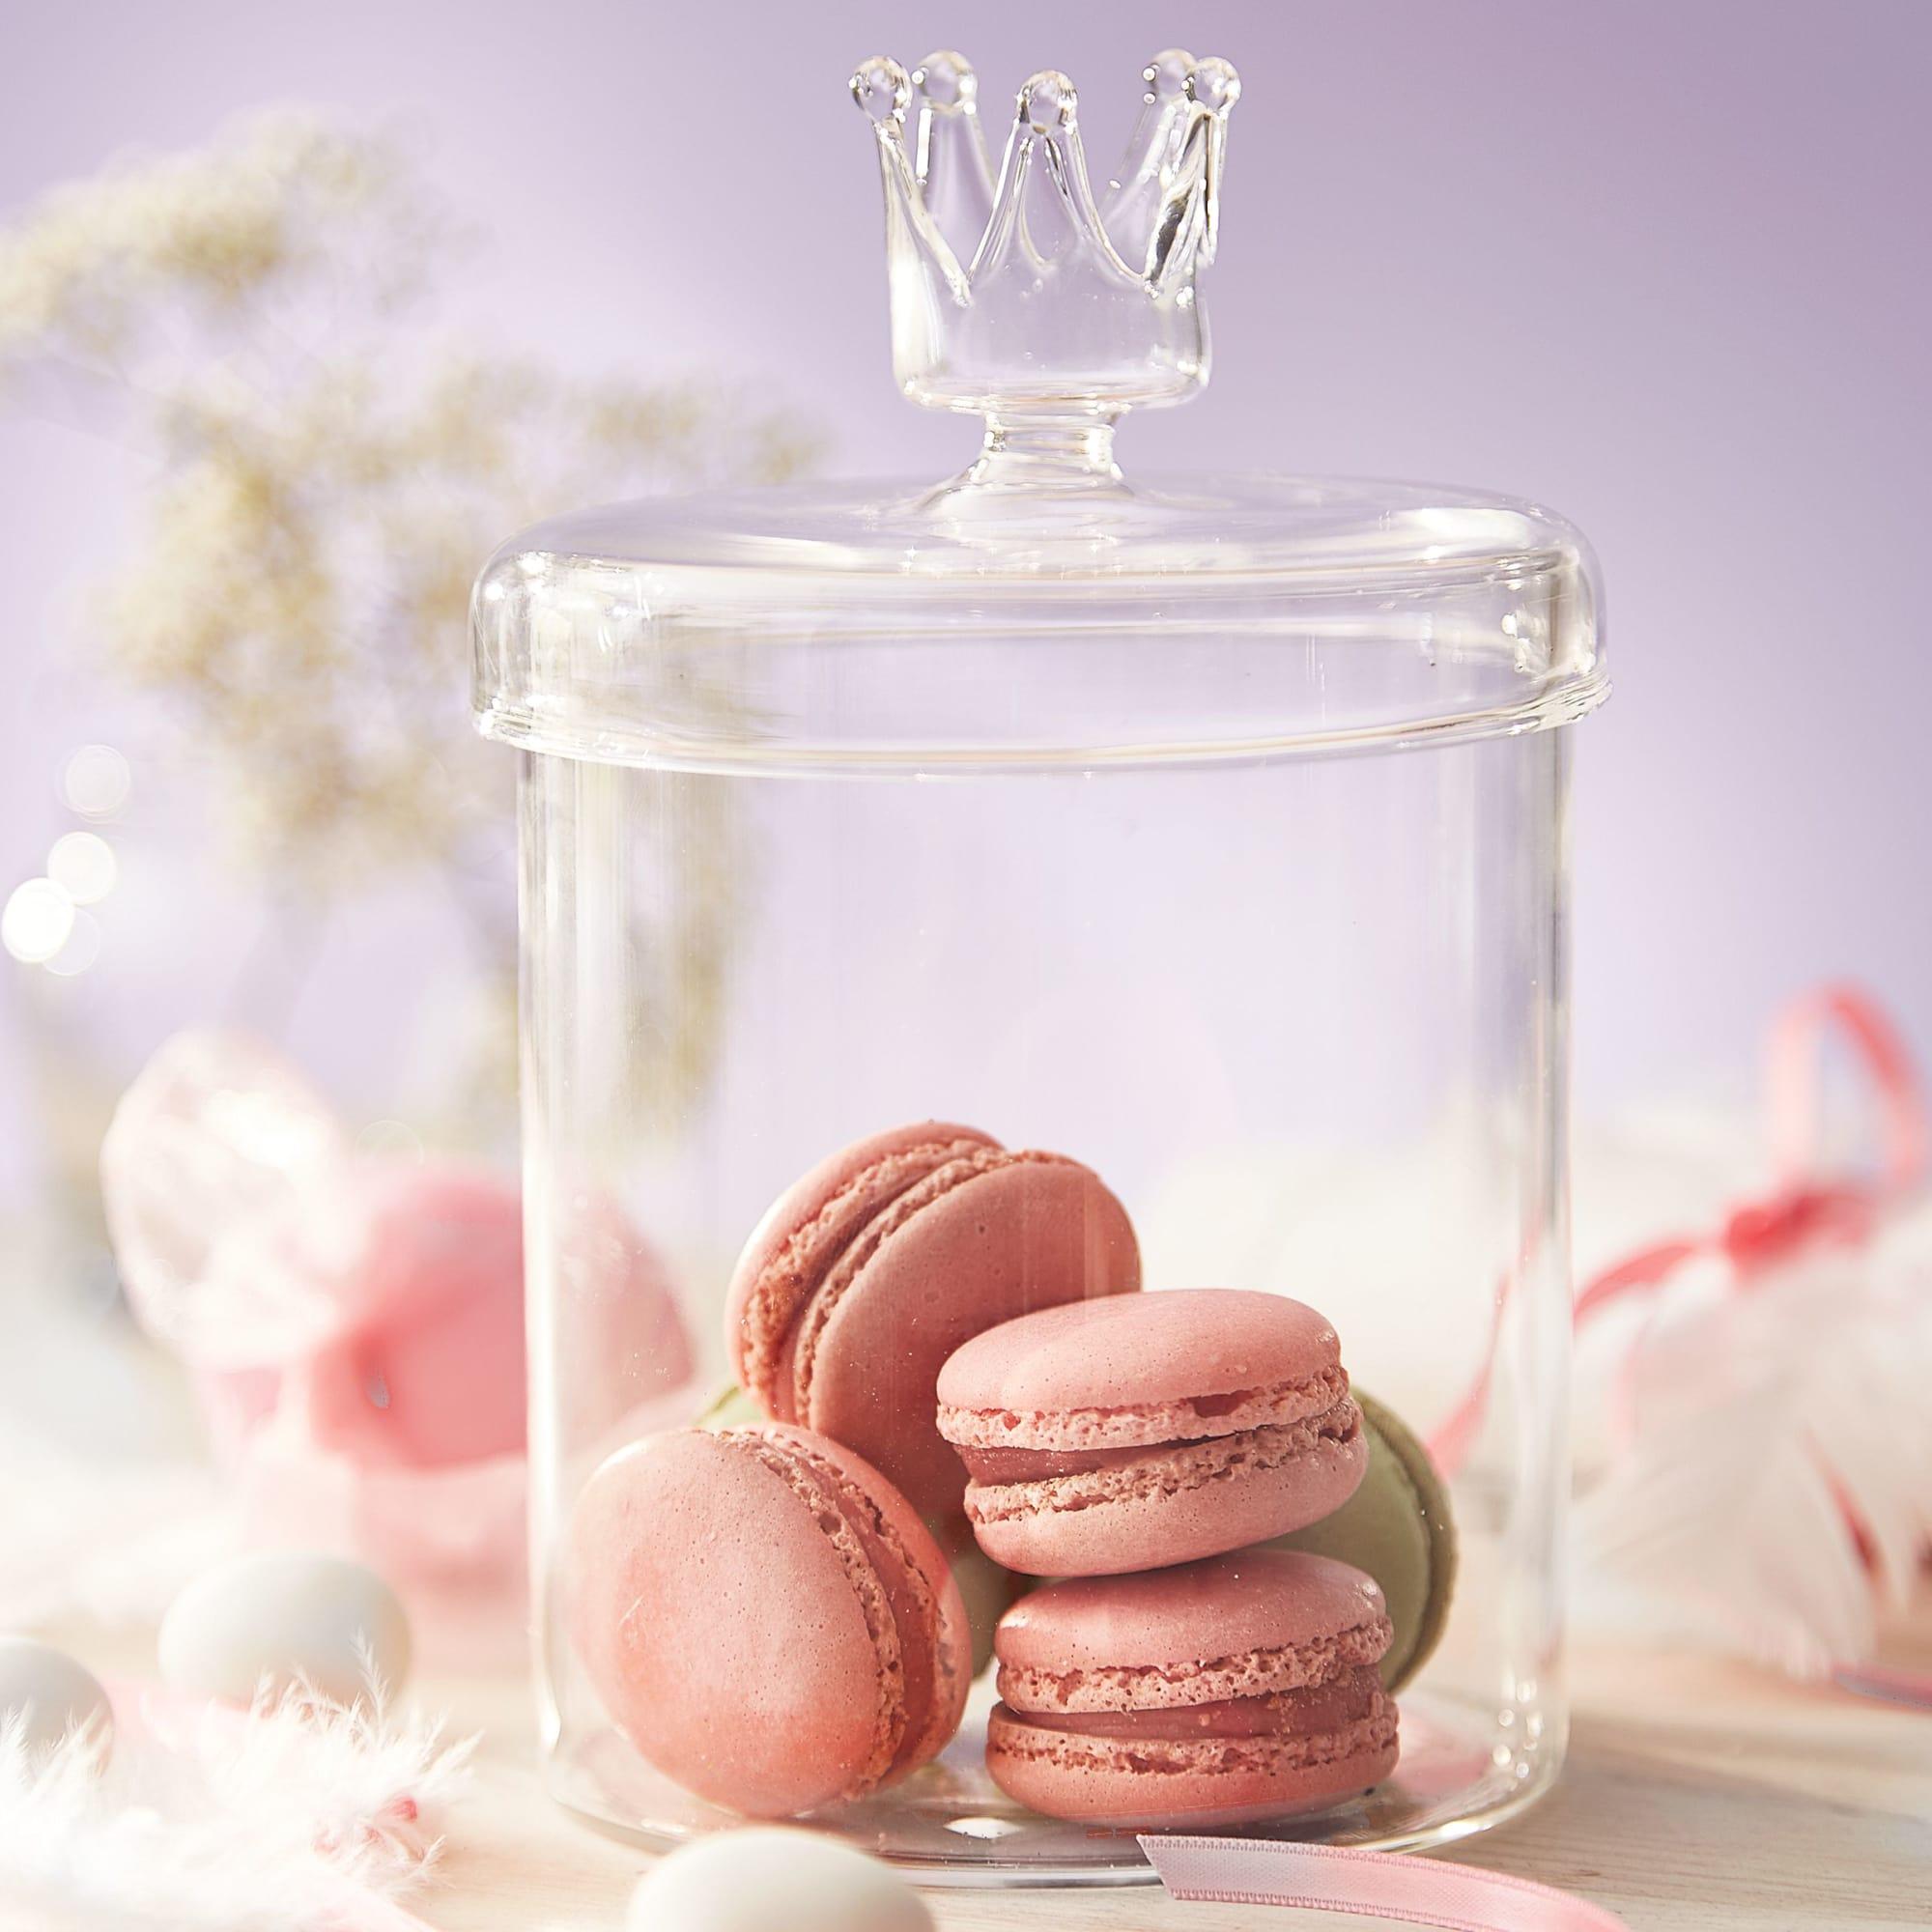 Ungewöhnlich Krone Süßigkeiten Küche Fotos - Küchenschrank Ideen ...